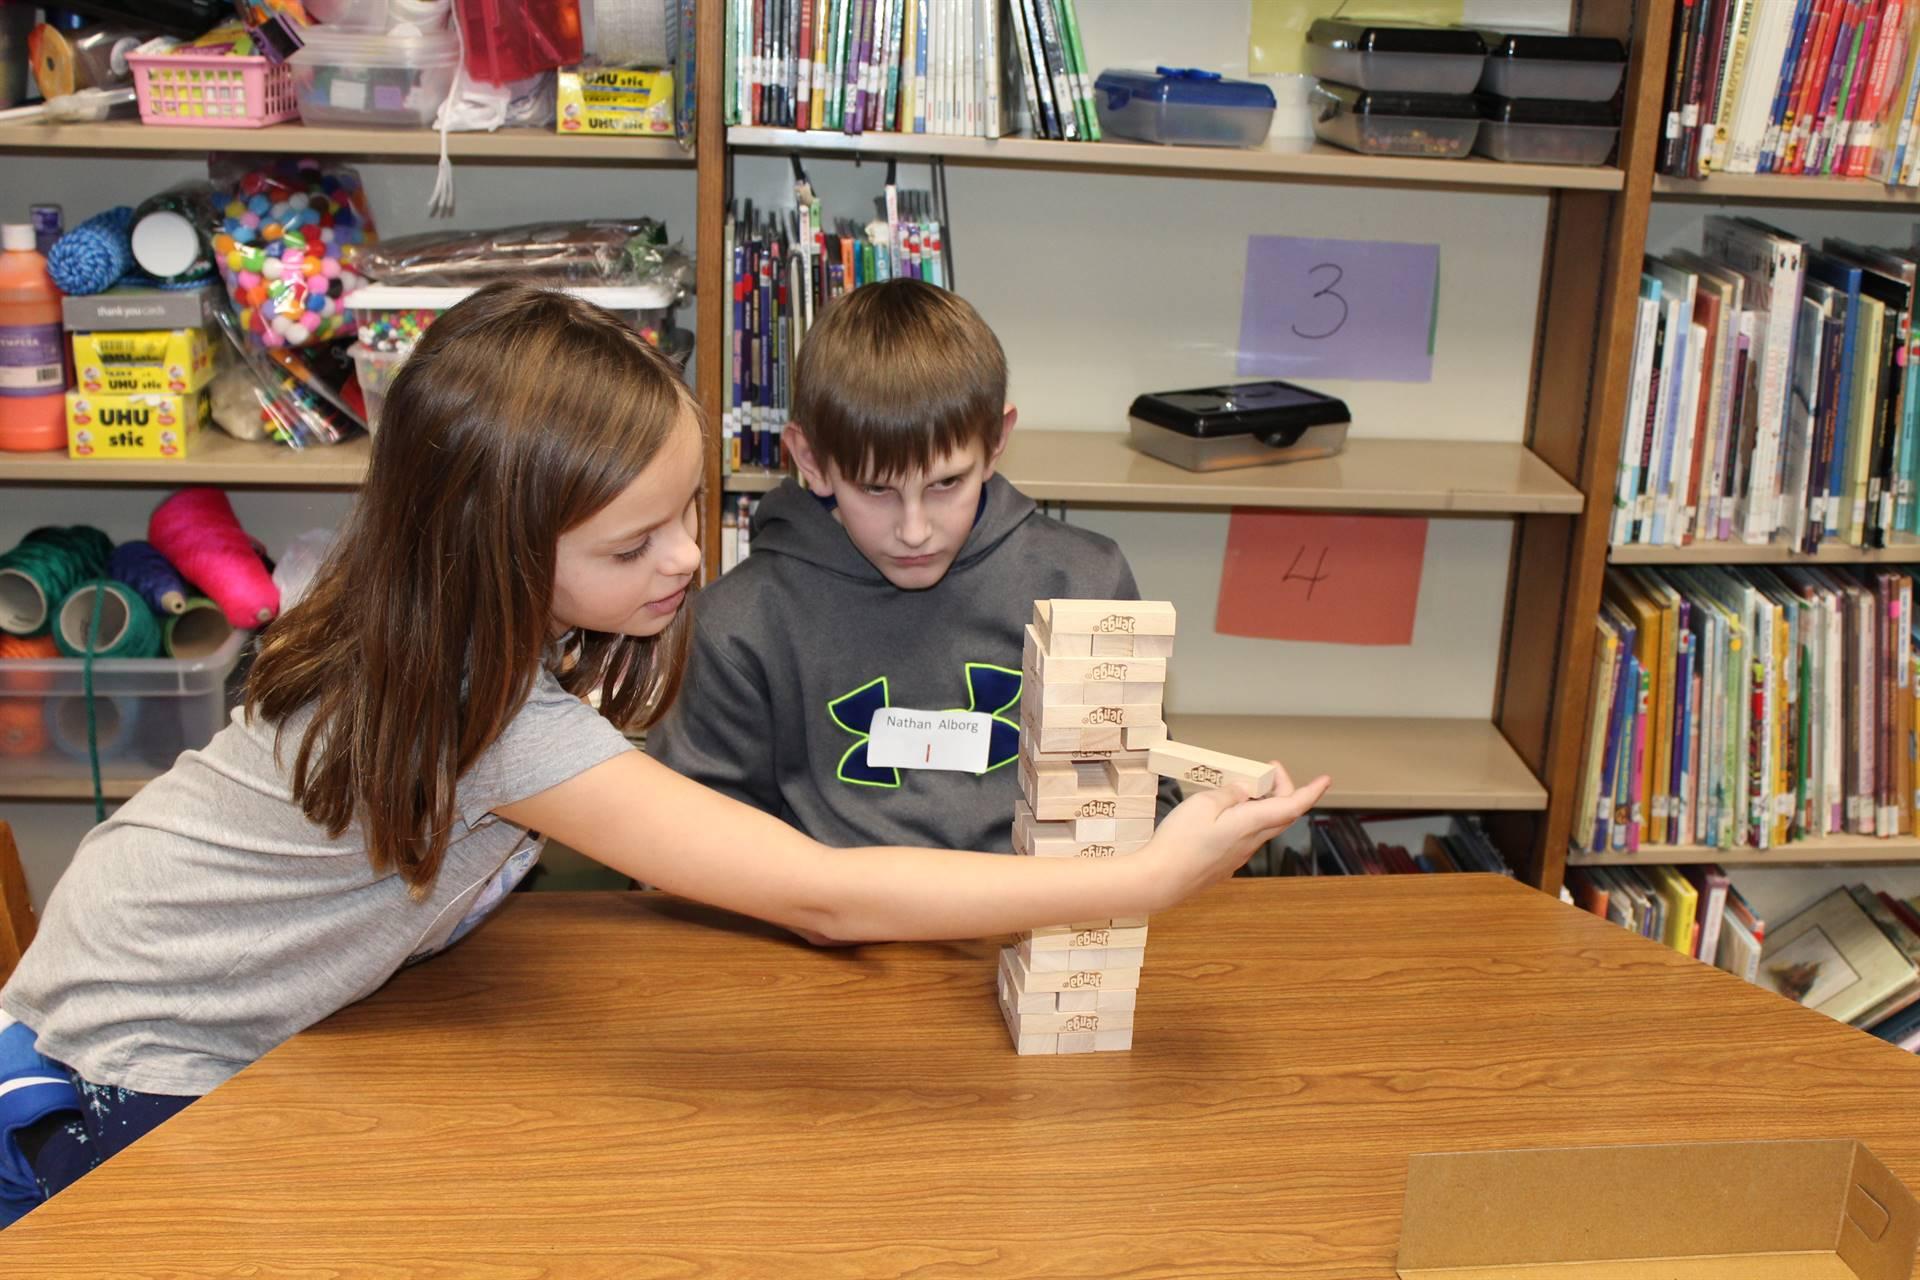 Two students playing Jenga